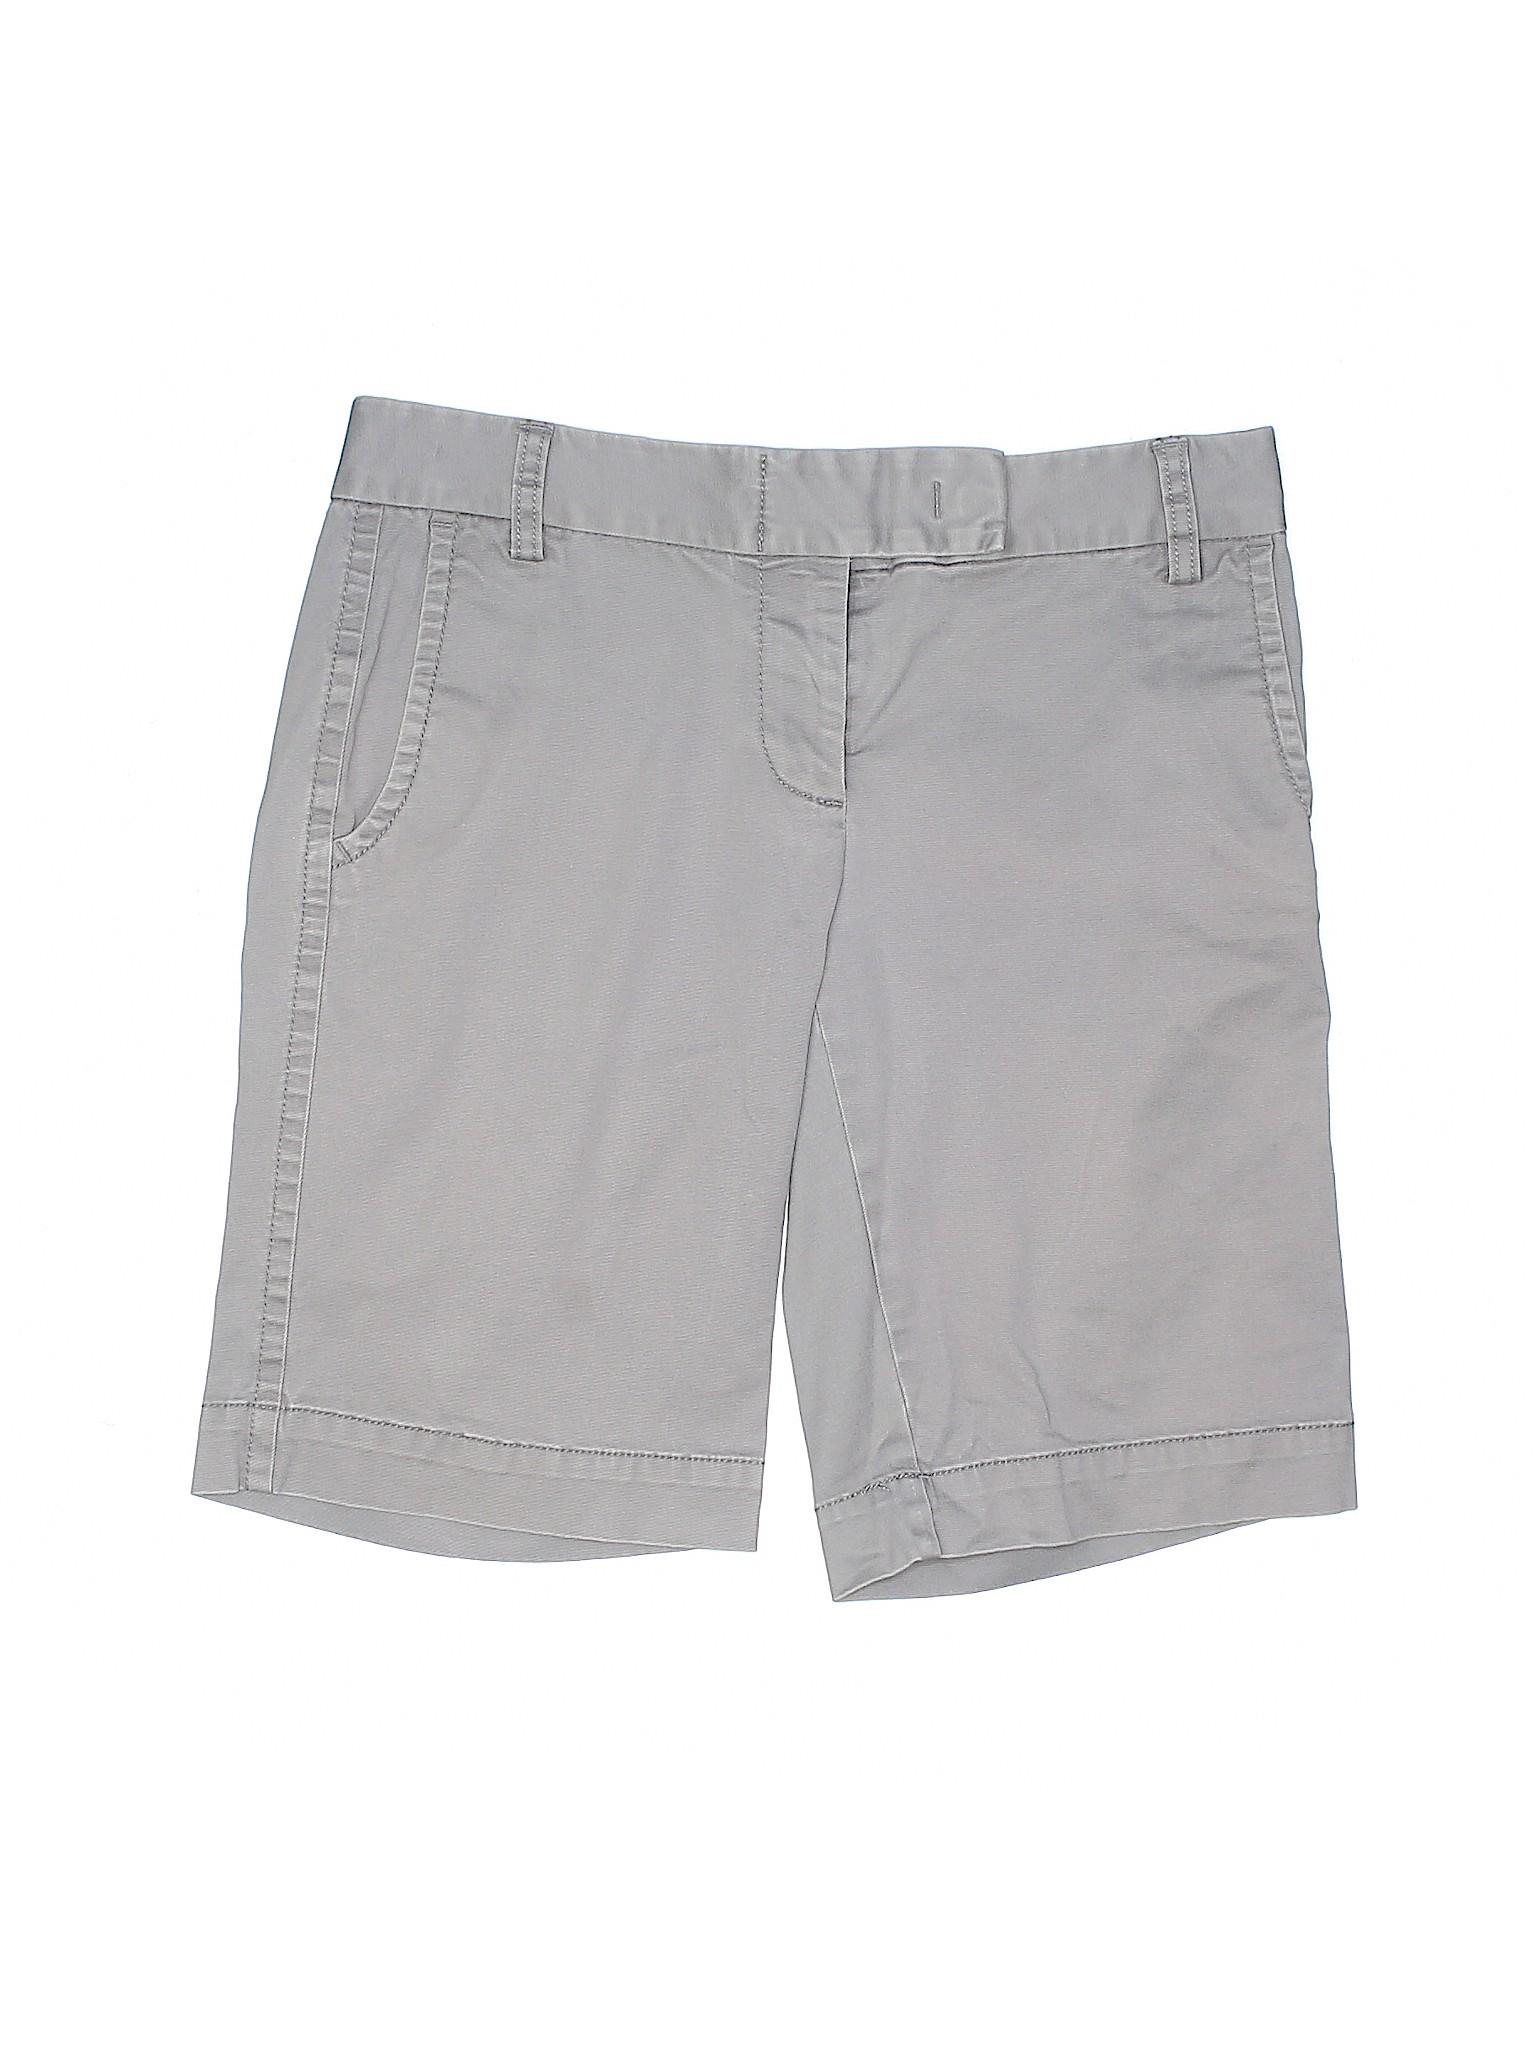 Shorts leisure Crew Boutique Khaki J Z6Rxqf